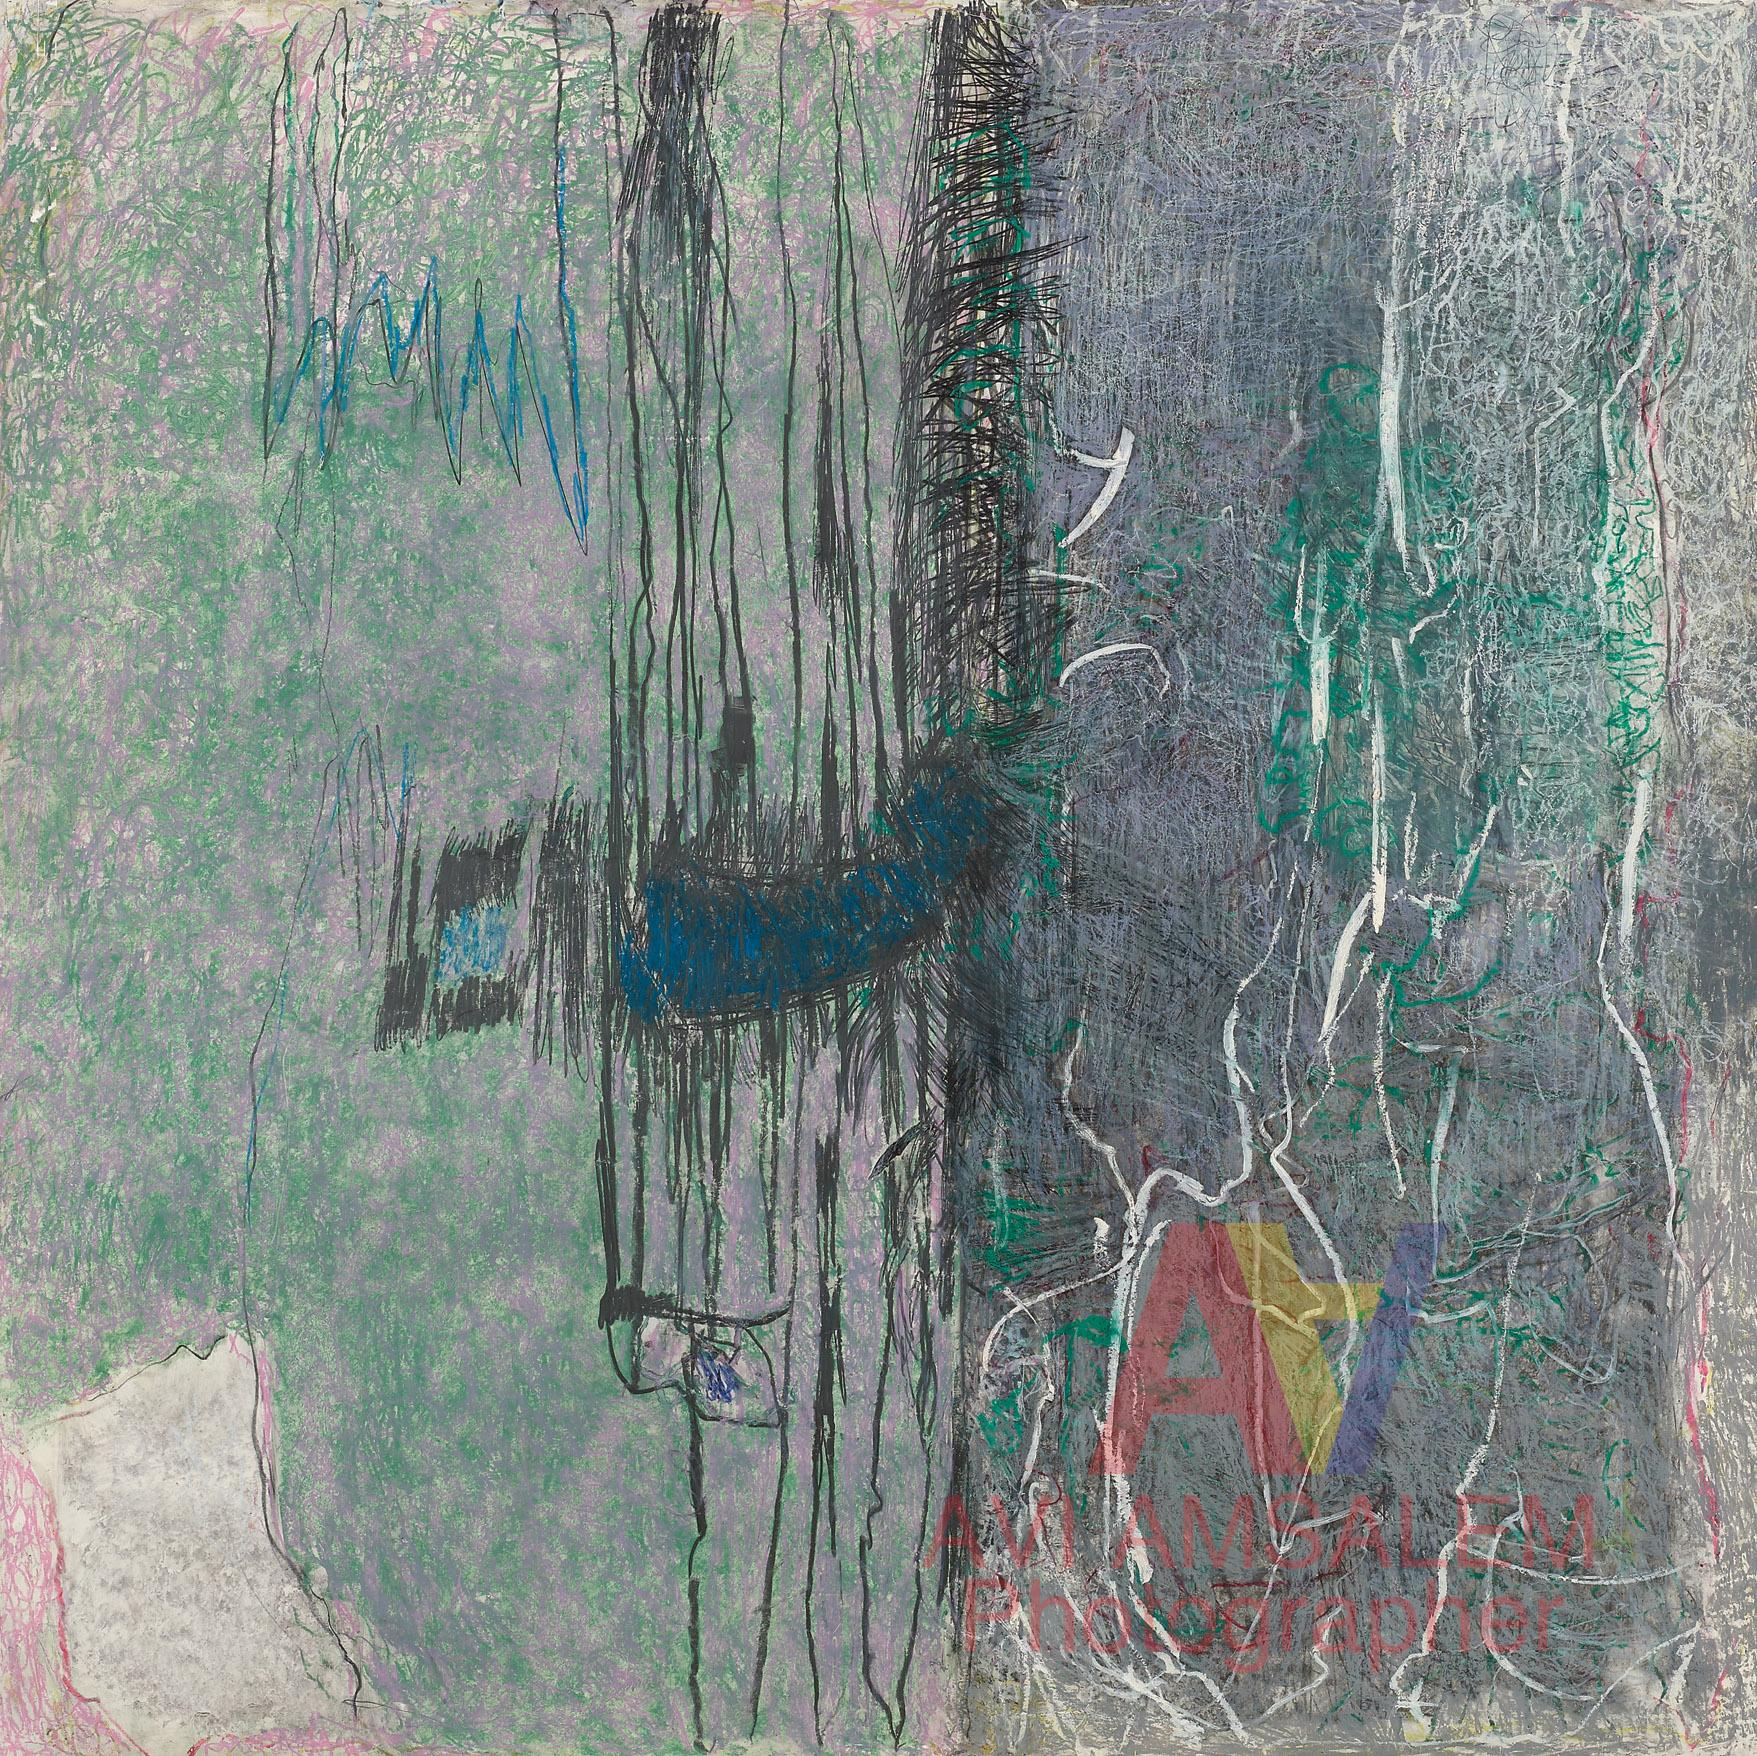 צילום ציורים